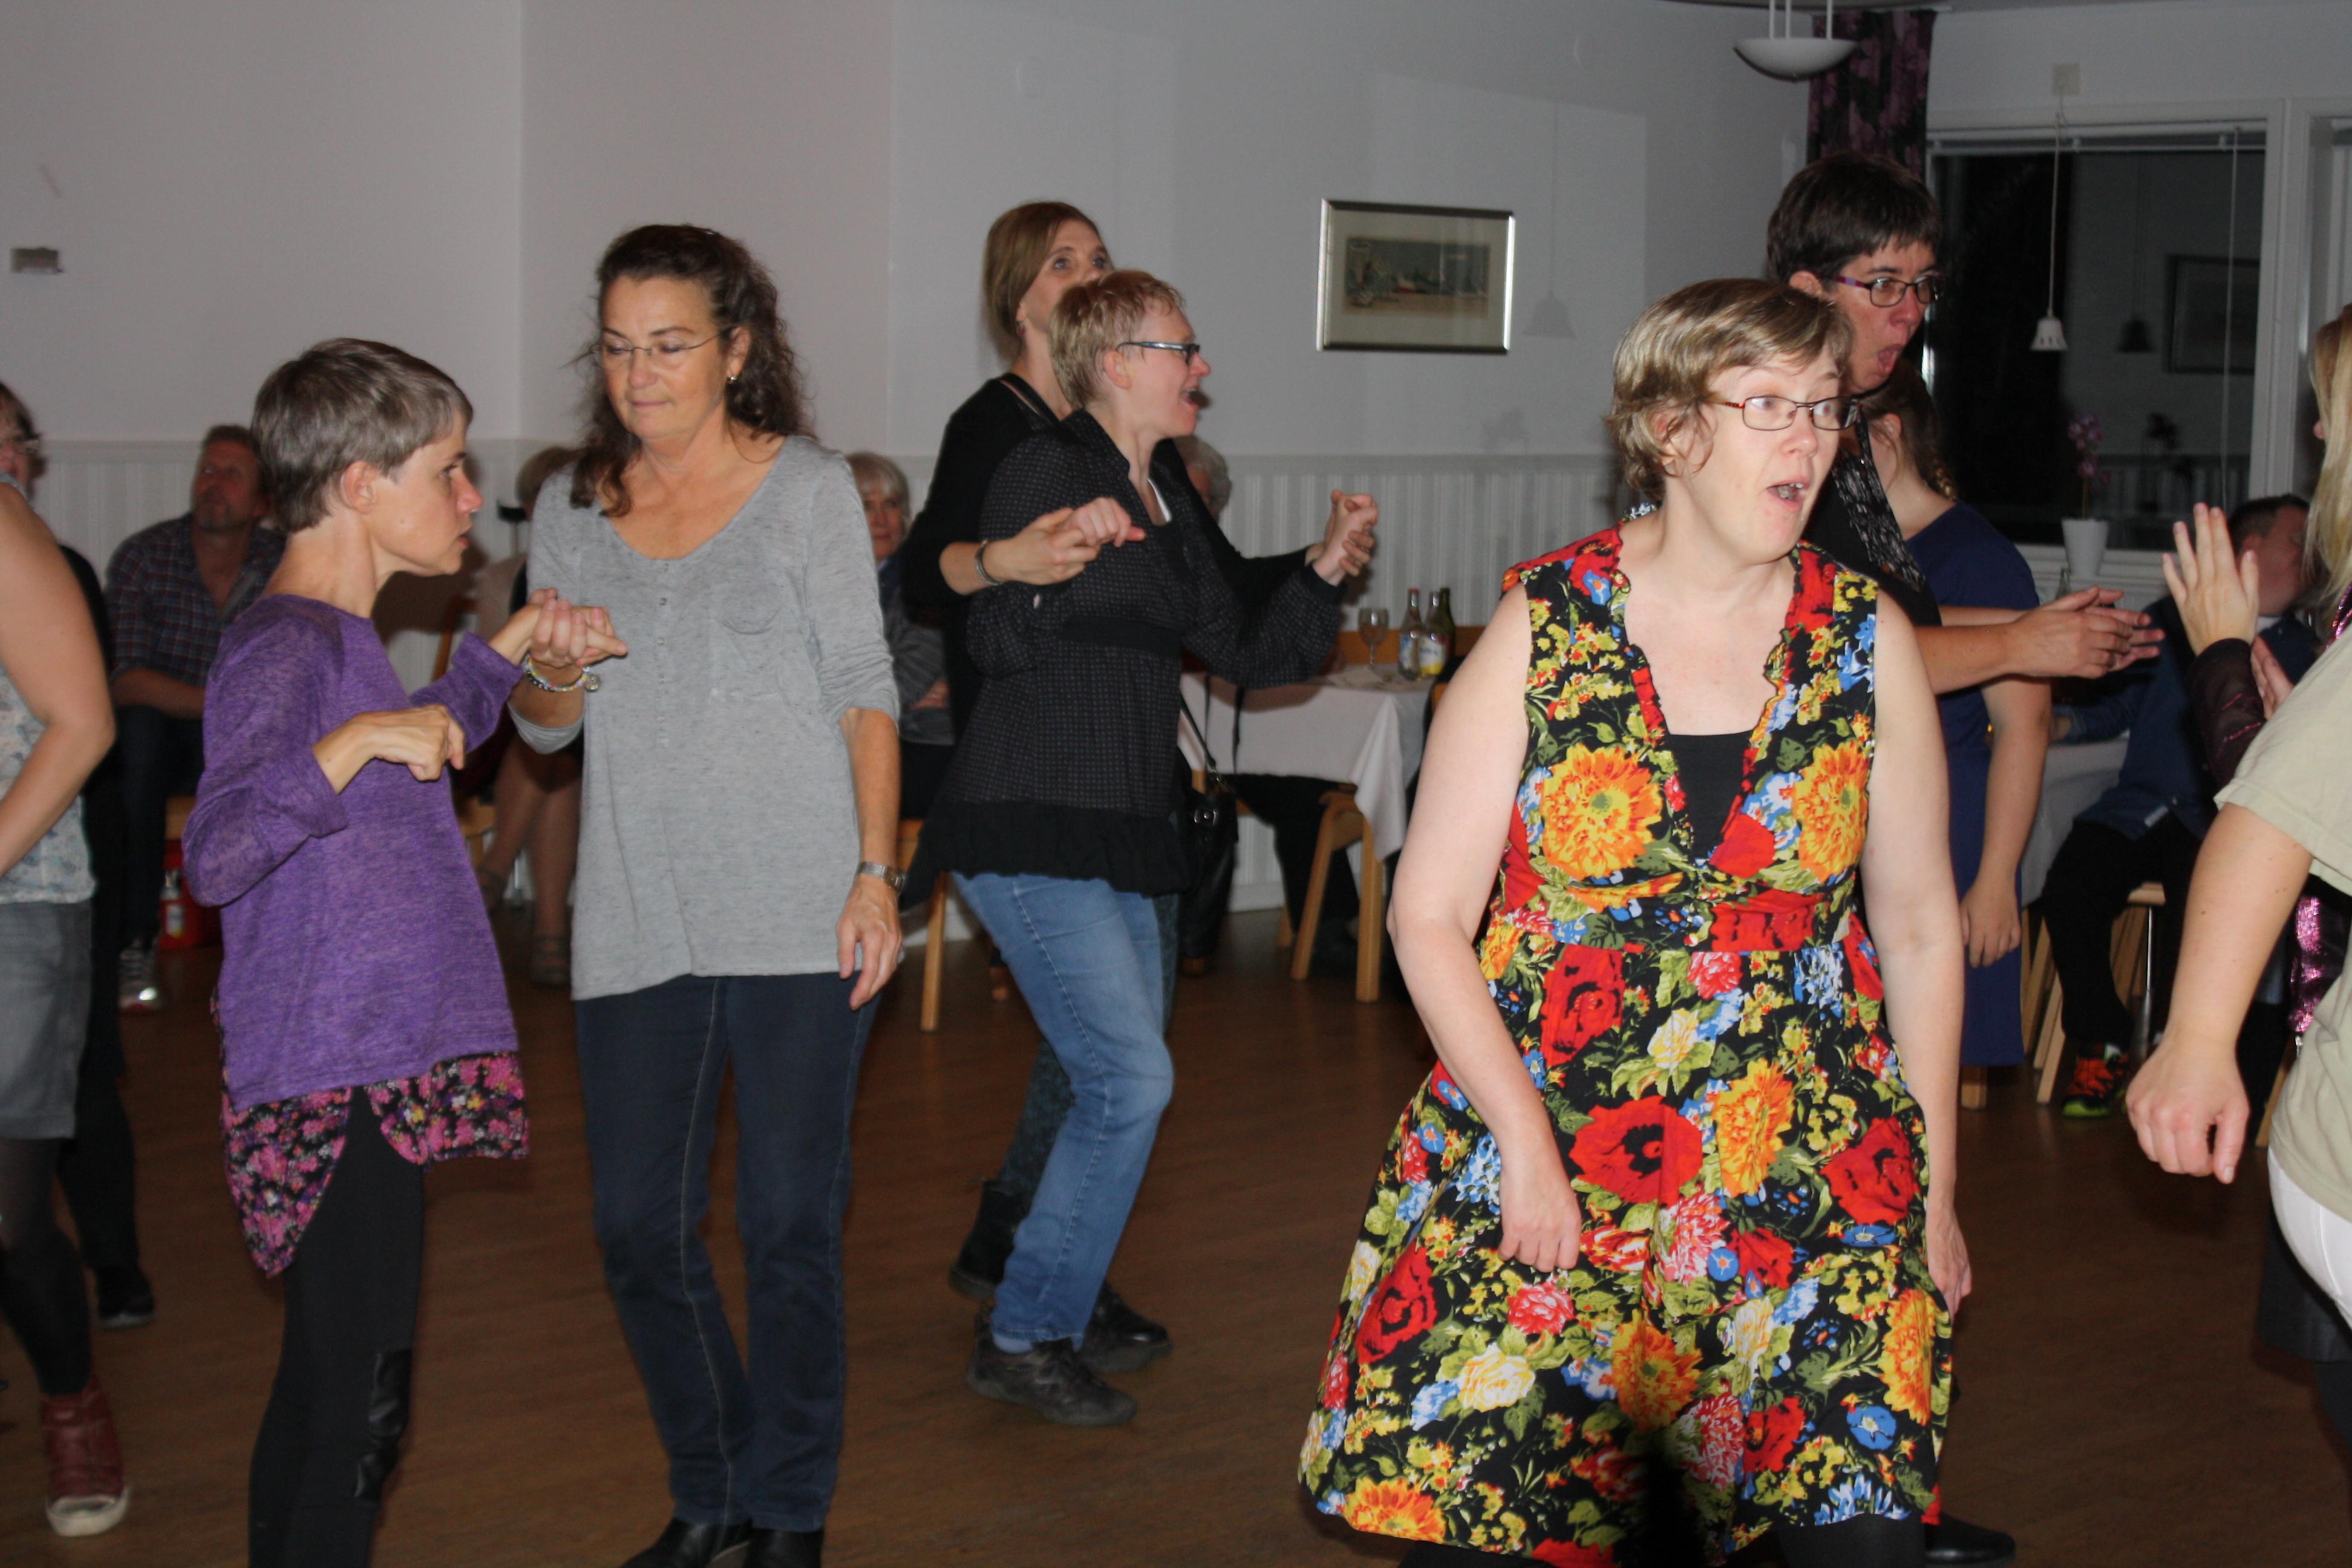 Gunilla med flera uppe och dansar